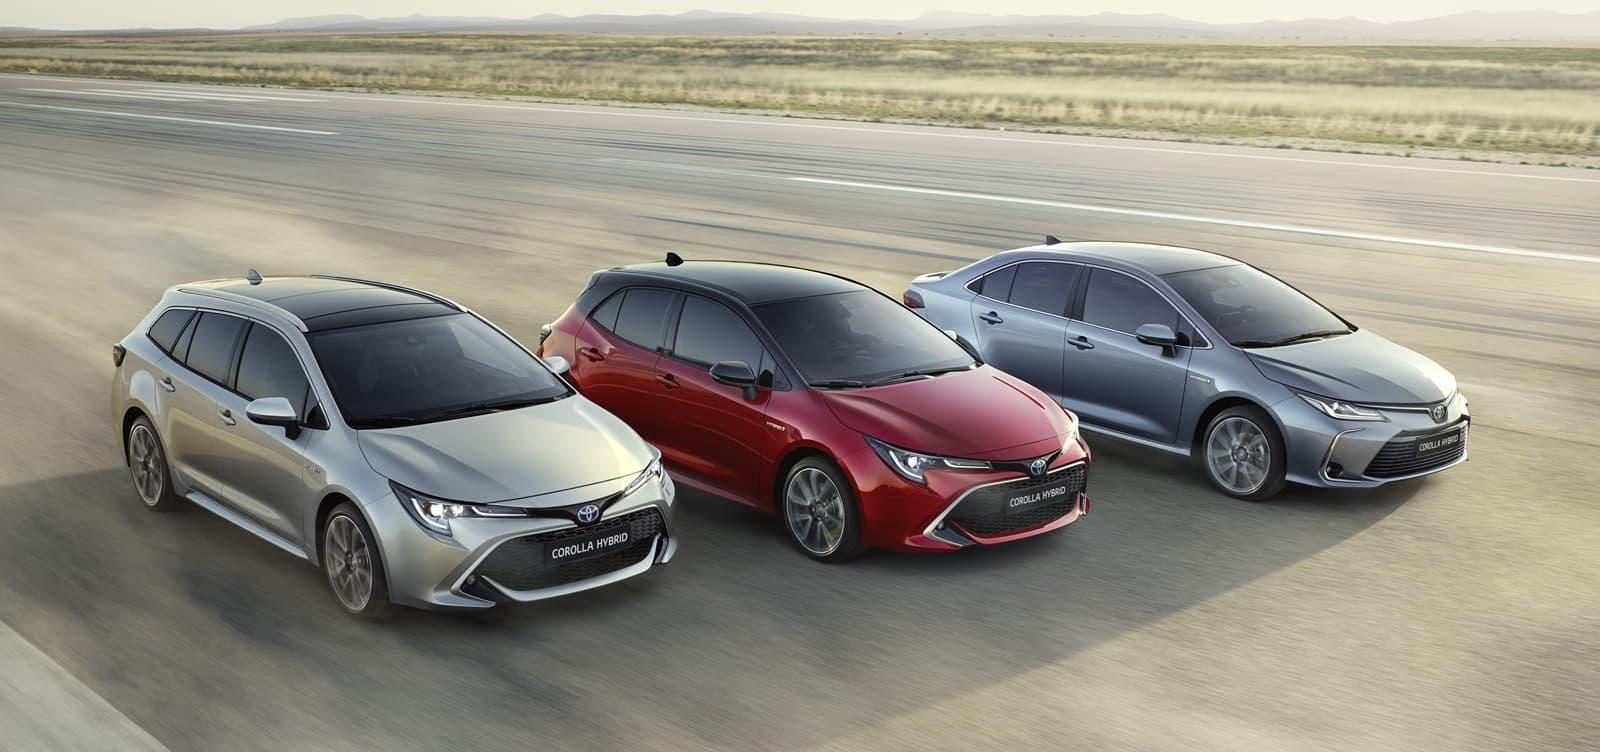 Gama Toyota Corolla 2019 1218 01